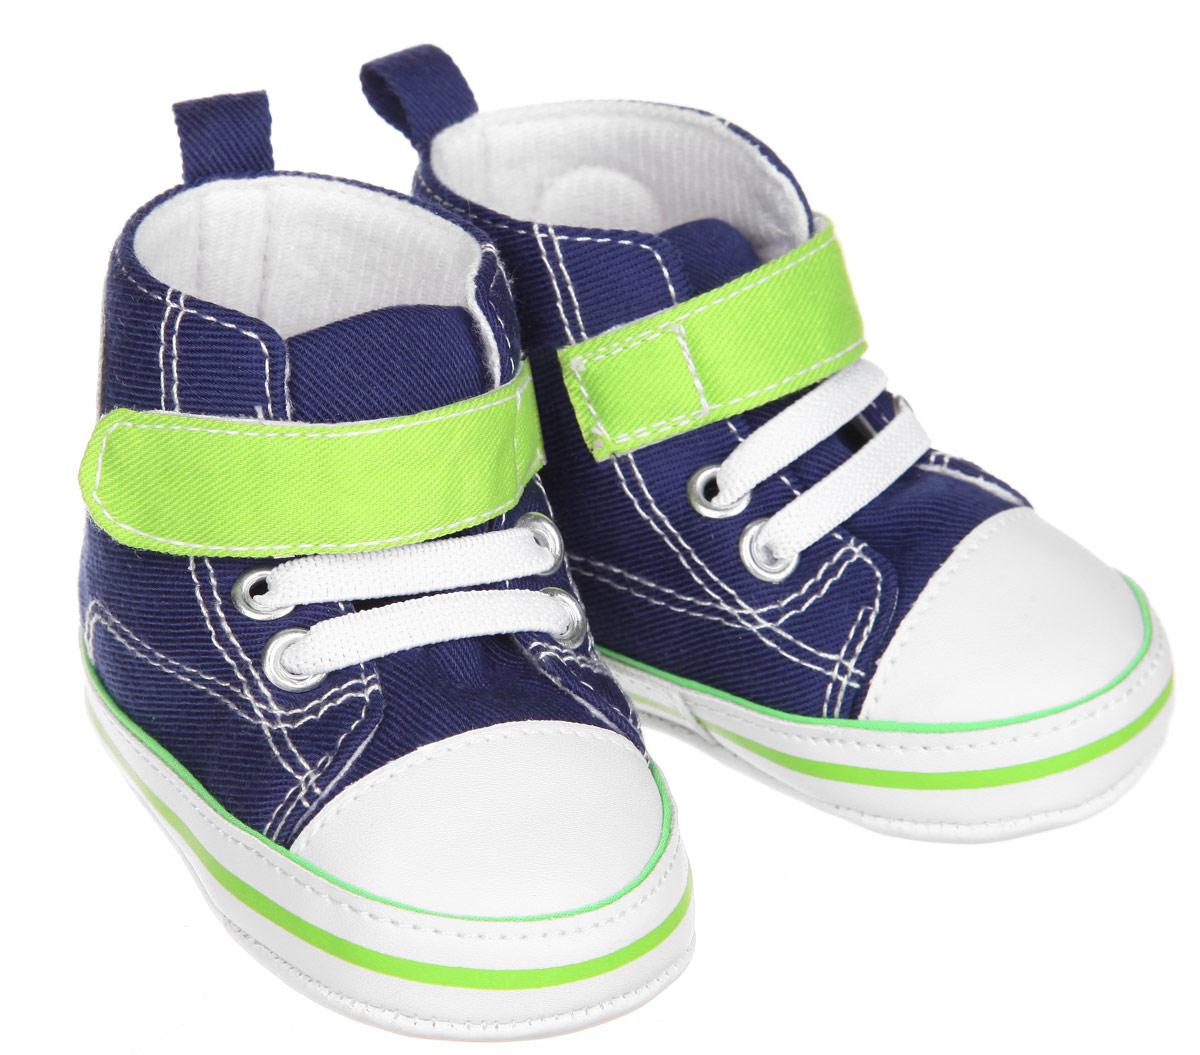 Пинетки для мальчика Luvable Friends Высокие кроссовки, цвет: синий, светло-зеленый, белый. 12030. Размер 0/6 месяцев12030Пинетки для мальчика Luvable Friends, стилизованные под высокие кроссовки, станут отличным дополнением к гардеробу малыша. Изделие выполнено из хлопка и полиэстера.Модель дополнена эластичной шнуровкой и удобным хлястиком на застежке-липучке, которые надежно фиксируют пинетки на ножке ребенка. На стопе предусмотрен прорезиненный рельефный рисунок, благодаря которому ребенок не будет скользить. Изделие оформлено нашивкой с фирменным логотипом.Мягкие, не сдавливающие ножку материалы делают модель практичной и популярной. Такие пинетки - отличное решение для малышей и их родителей!